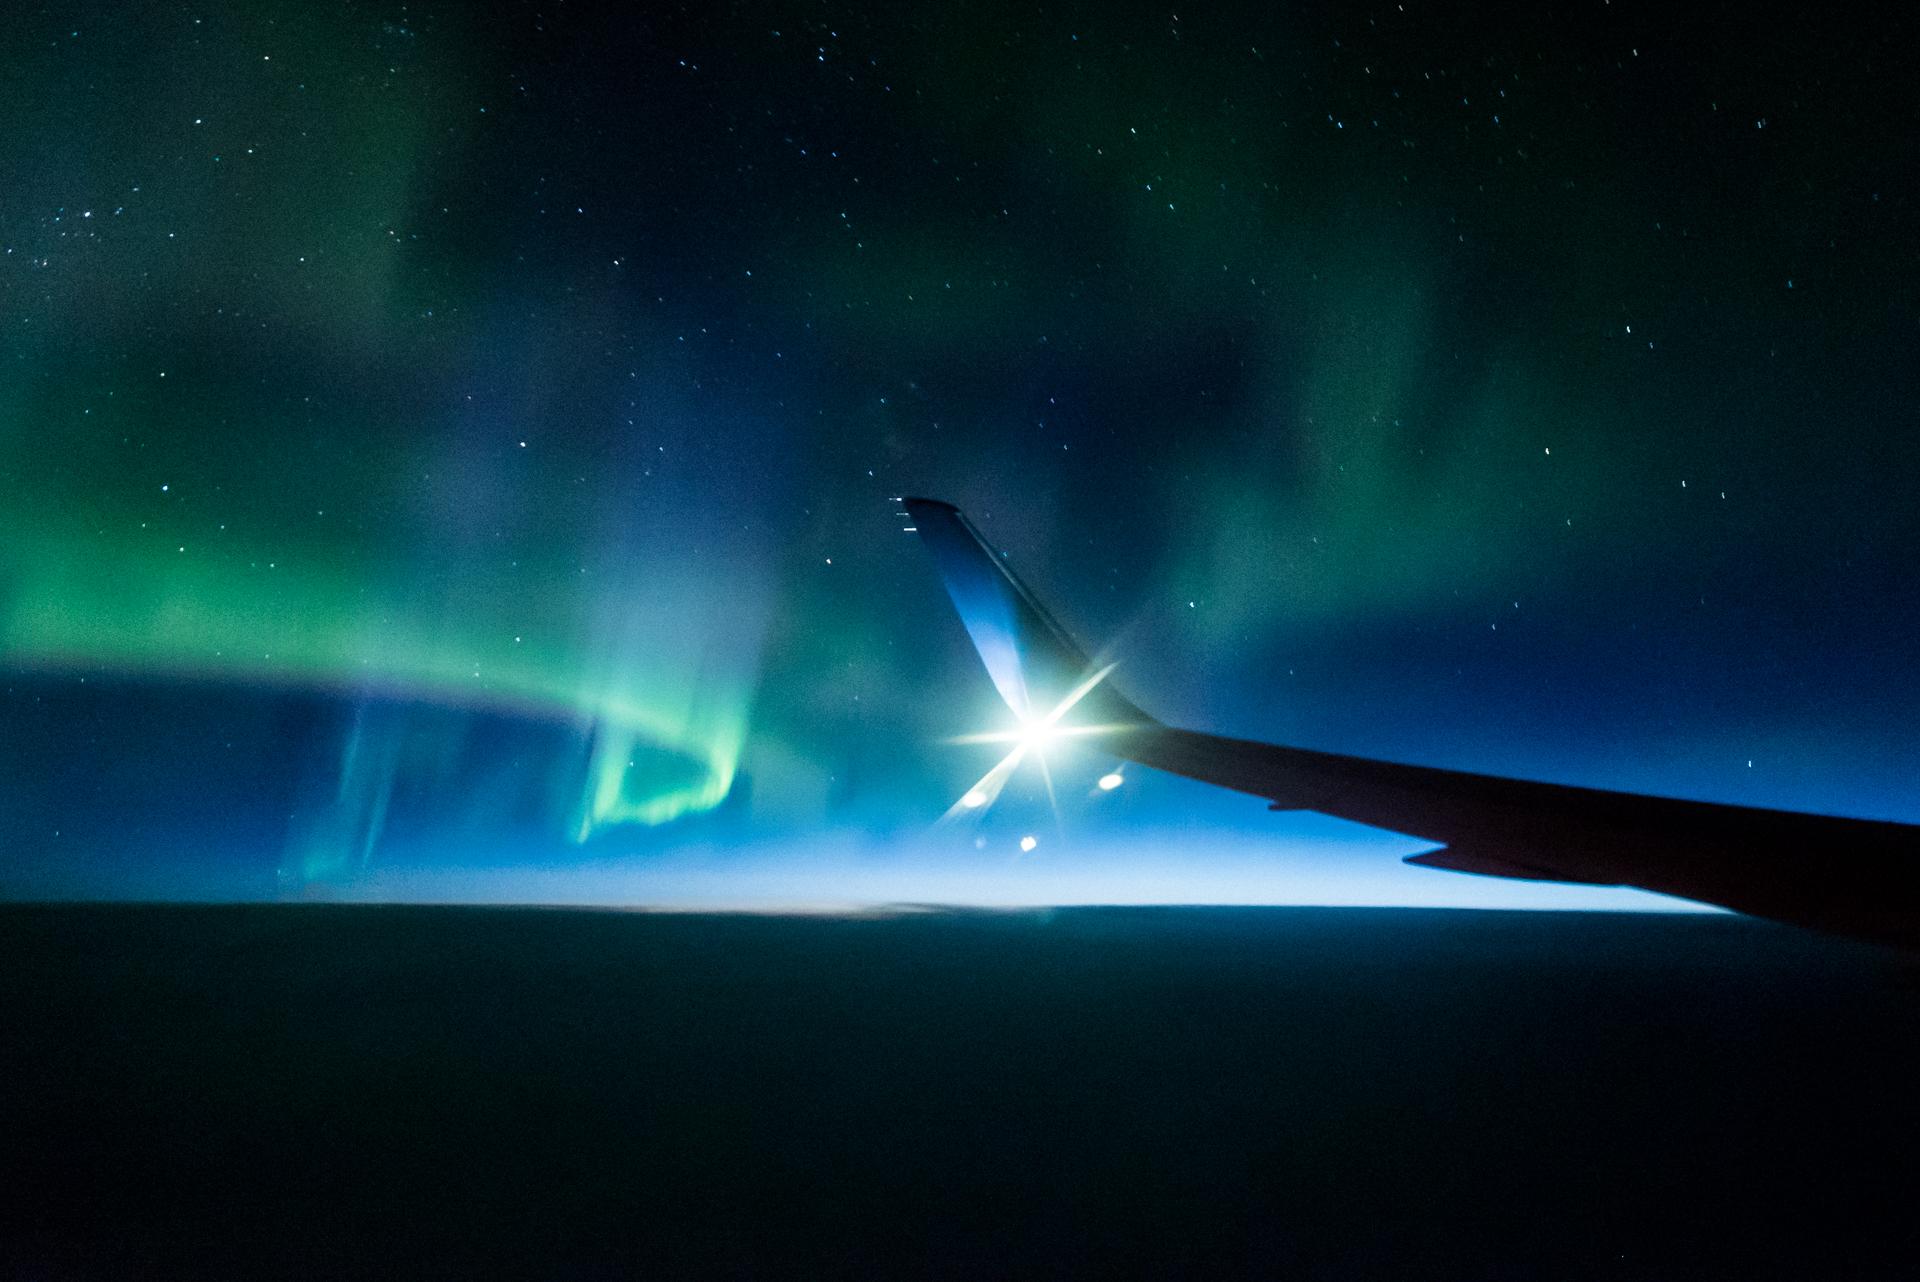 Aurora Plane-03489.jpg